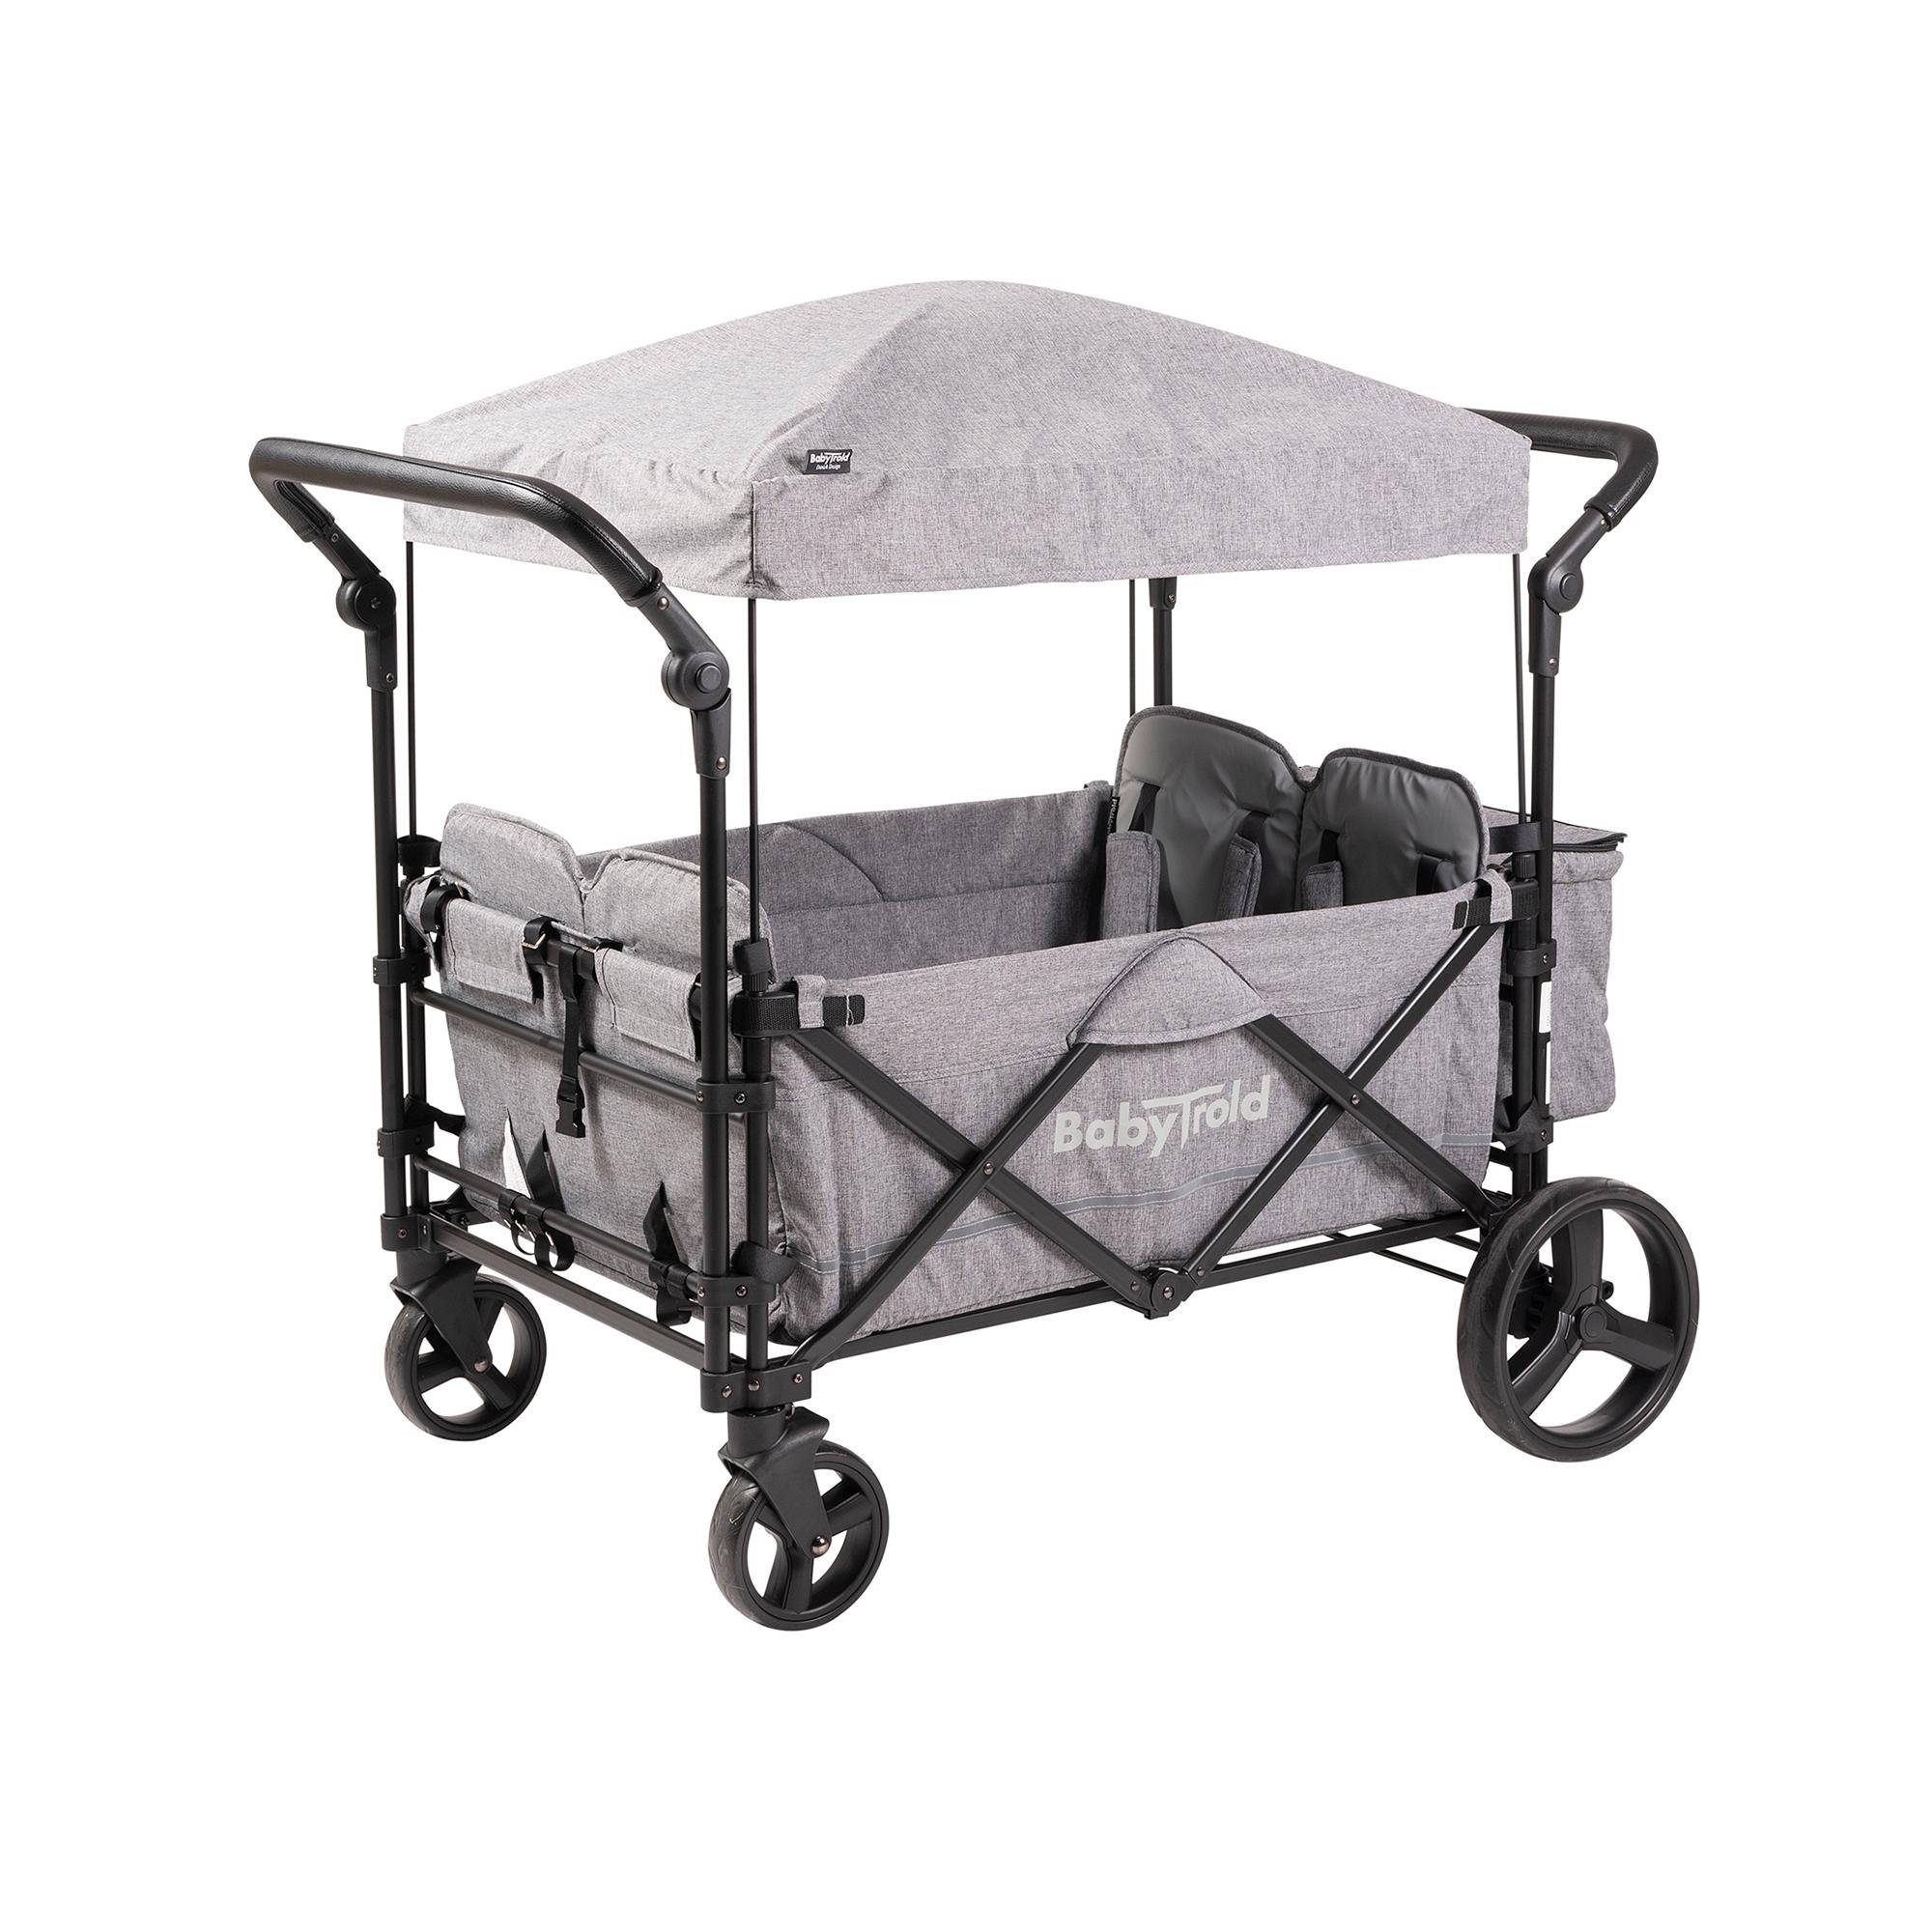 Babytrold - Fun Trolley for 4 children - Grey